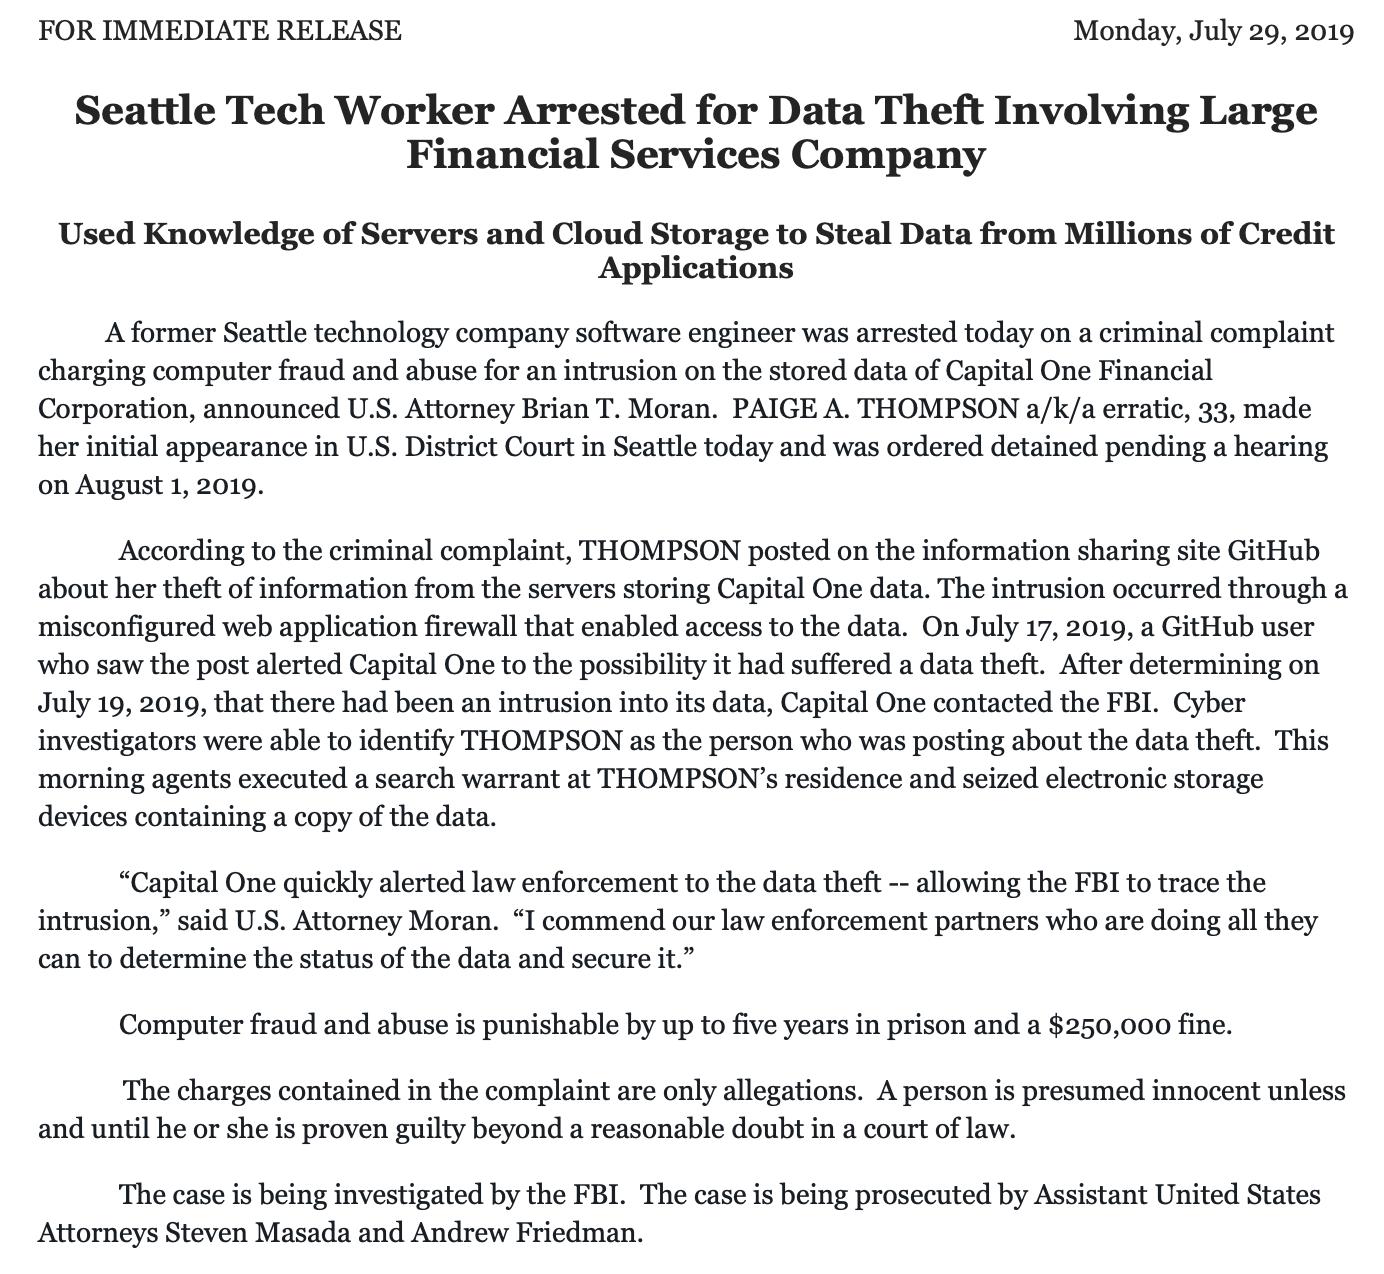 1億人超の個人情報流出、容疑者はAmazon元従業員 クラウドセキュリティに不安の声も